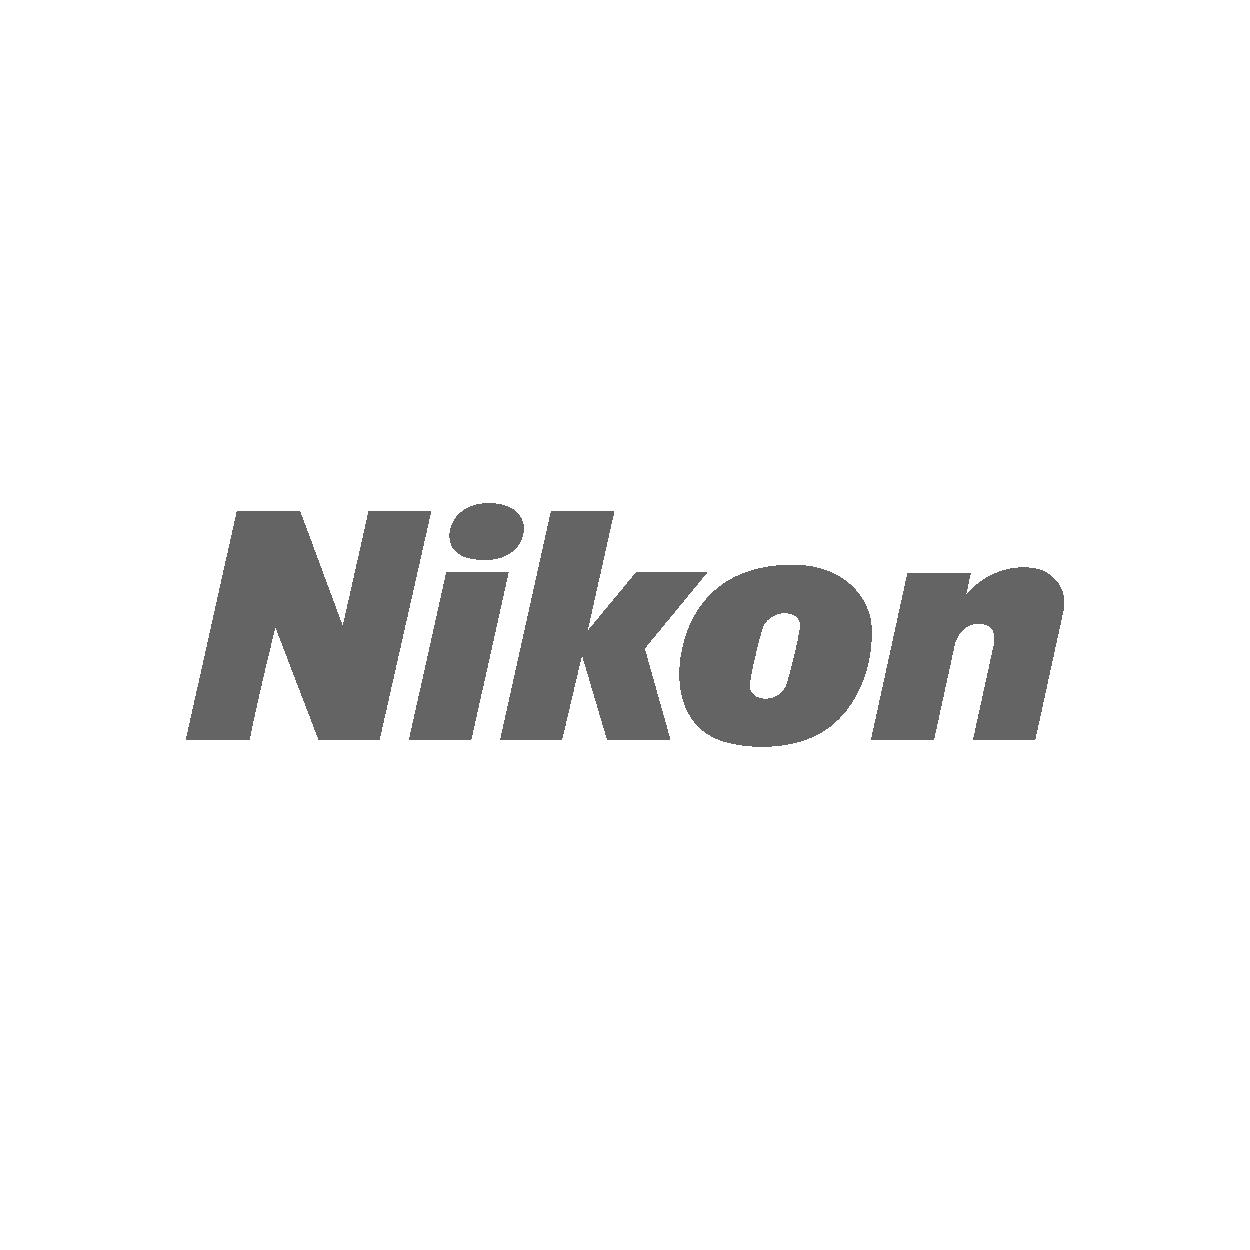 logo_Nikon.png